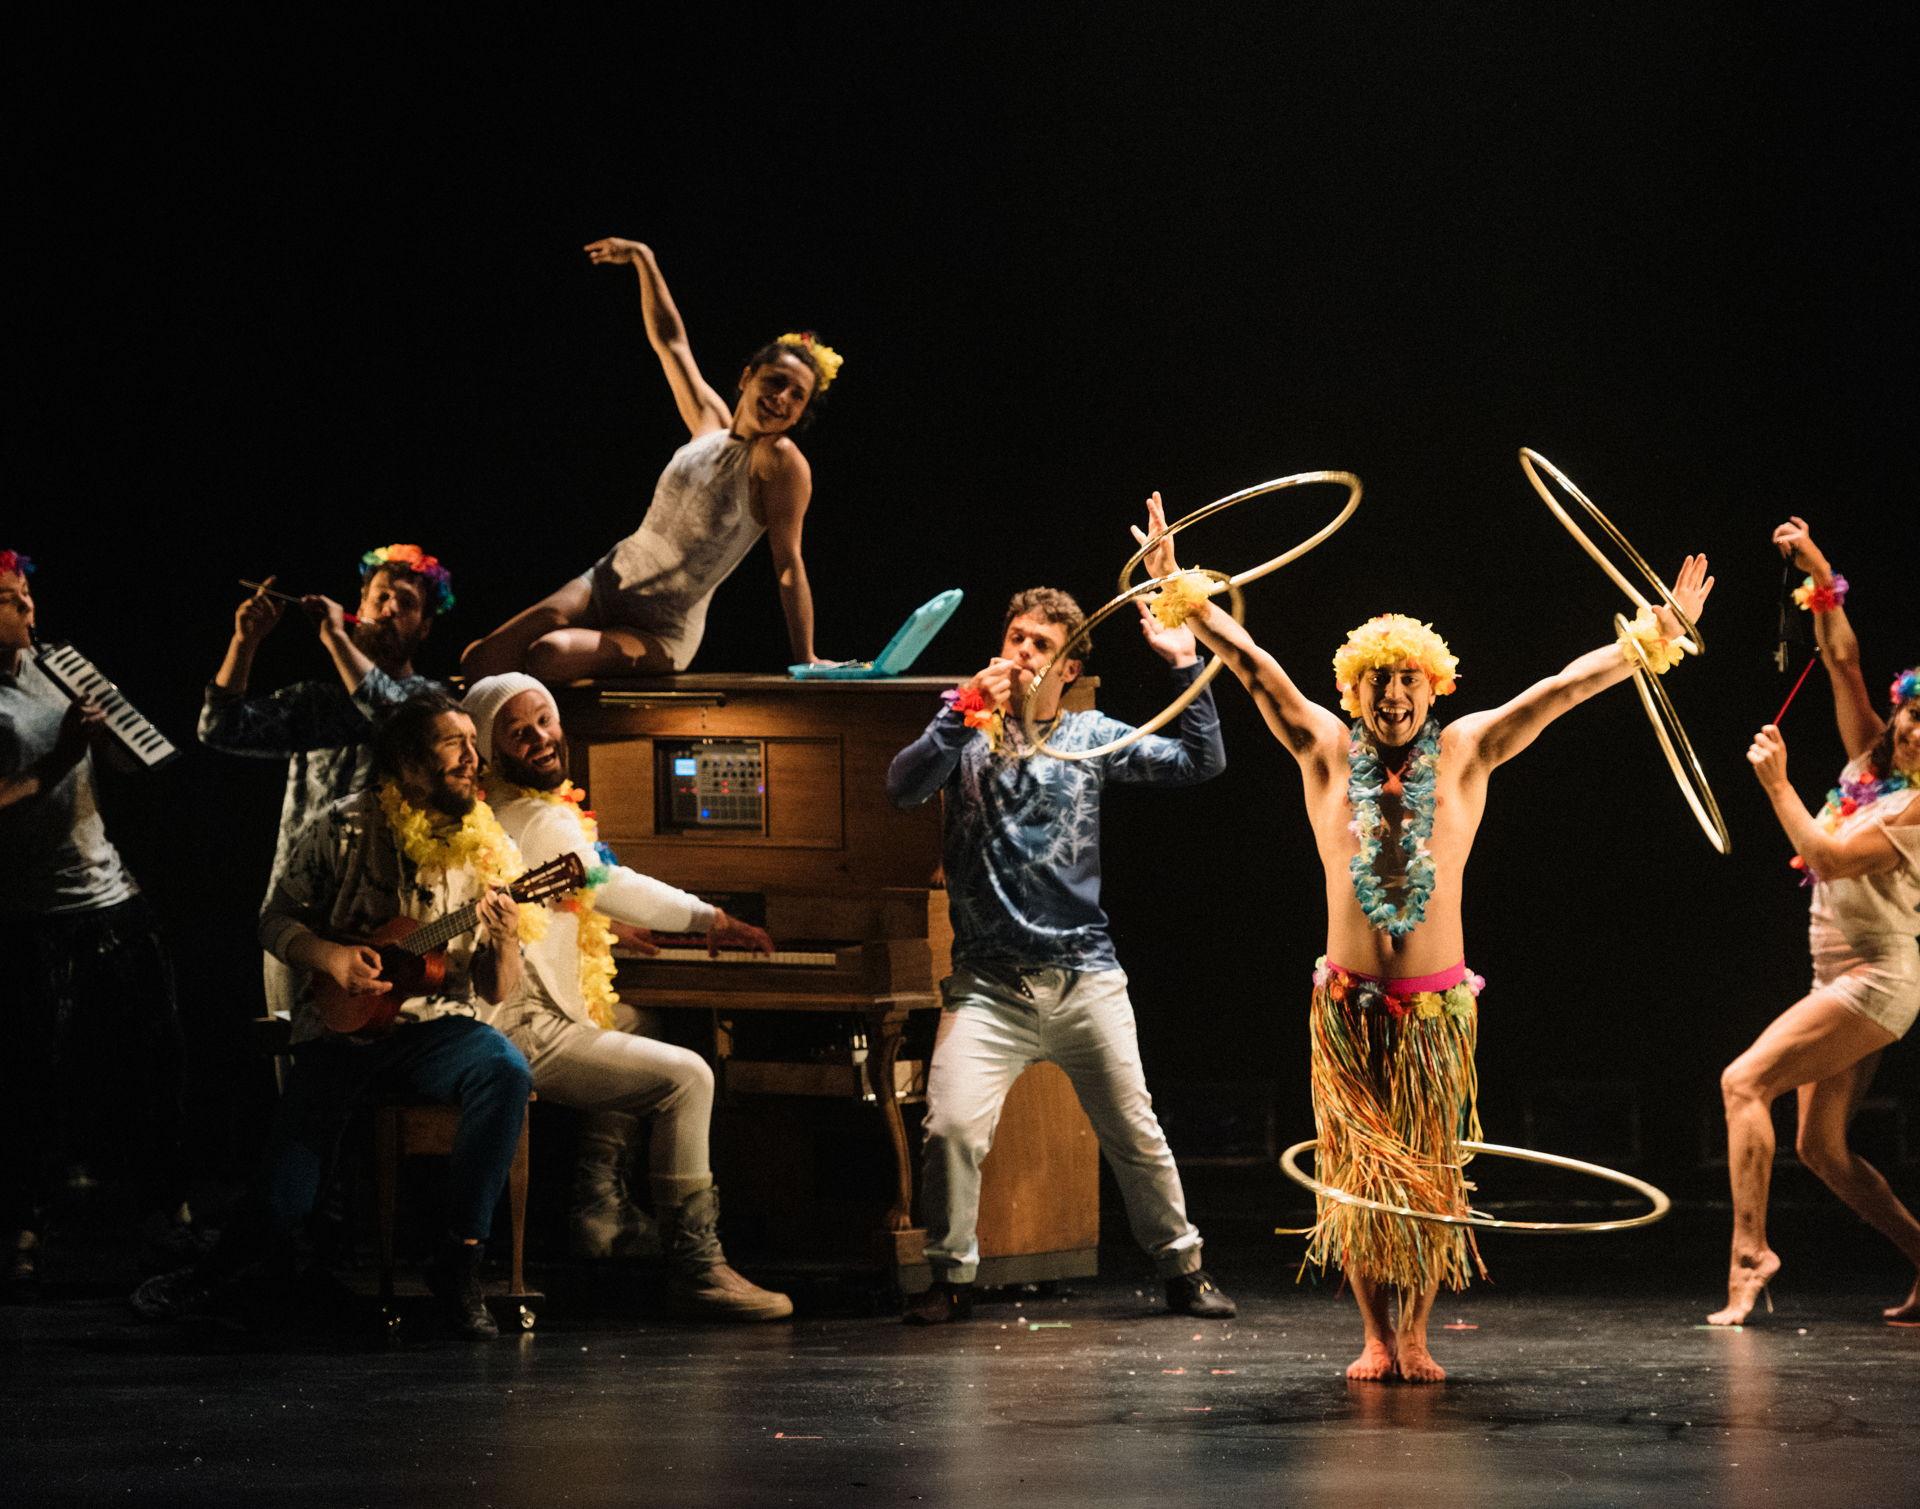 Het Canadese circusgezelschap FLIP Fabrique nodigt u uit voor een gekke, poëtische reis door de winter. De performers staan klaar om u te verwonderen, verbazen en omver te blazen met hun nieuwe show Blizzard.